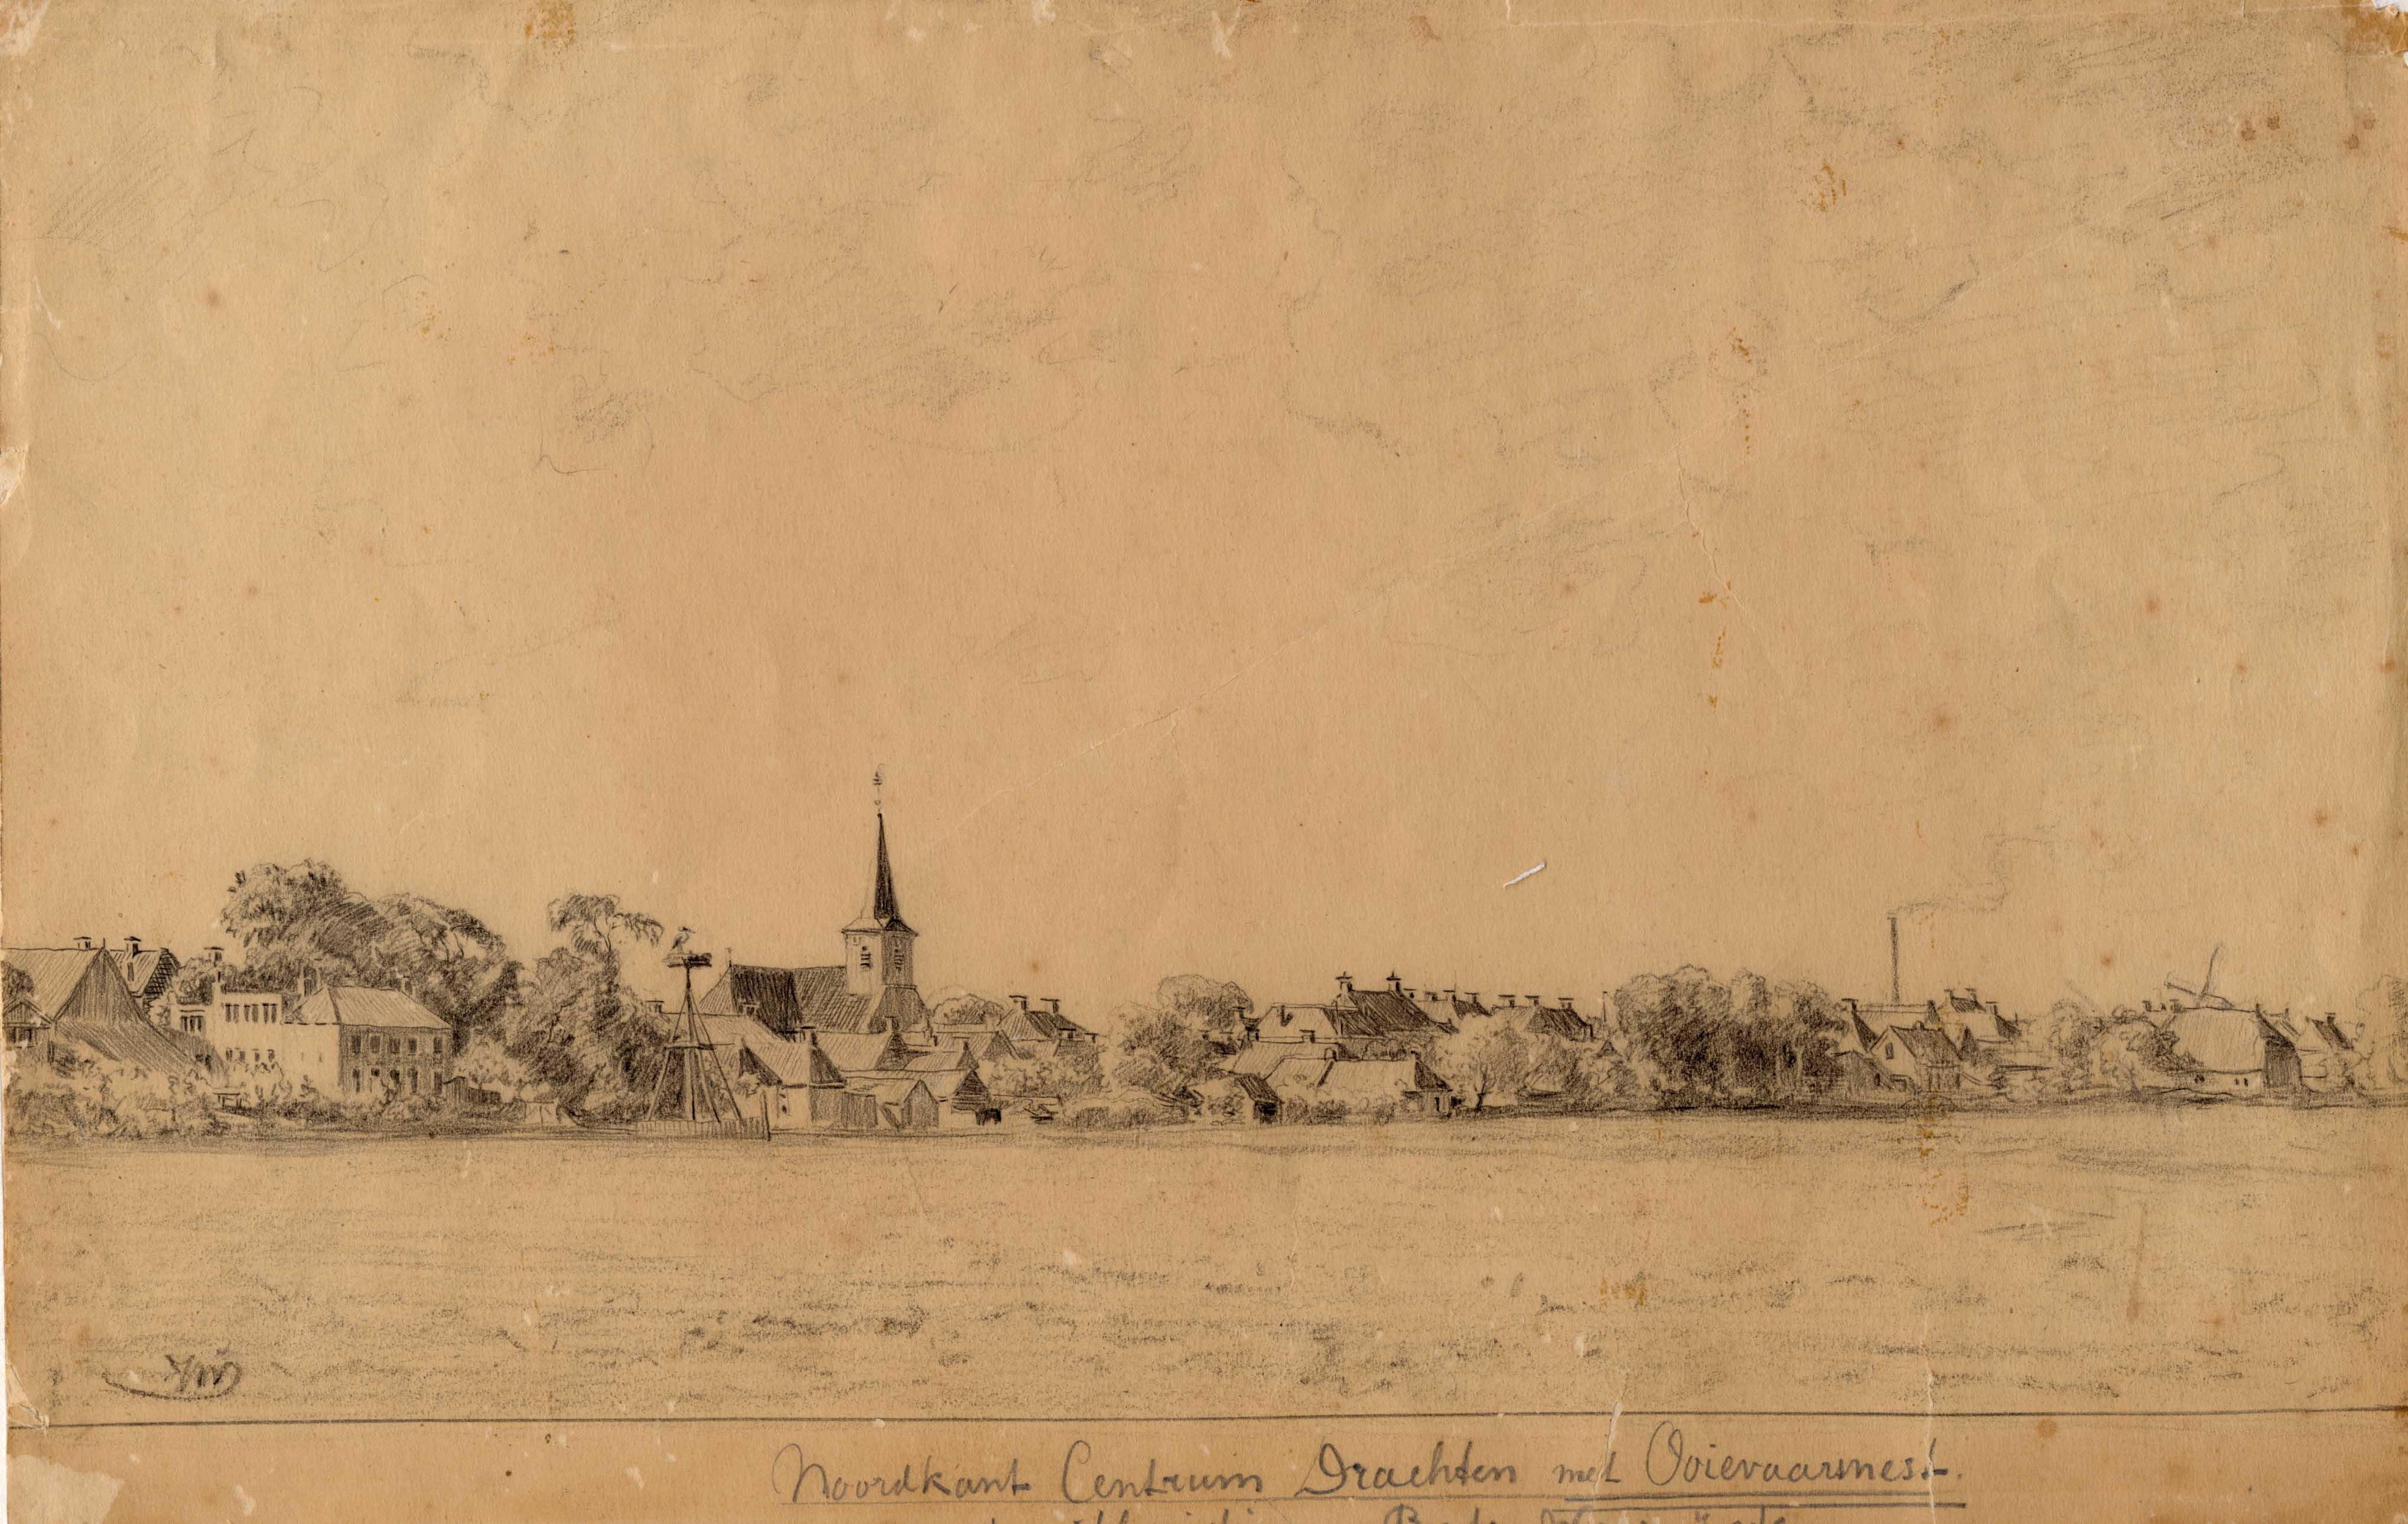 Noordkant Centrum Drachten